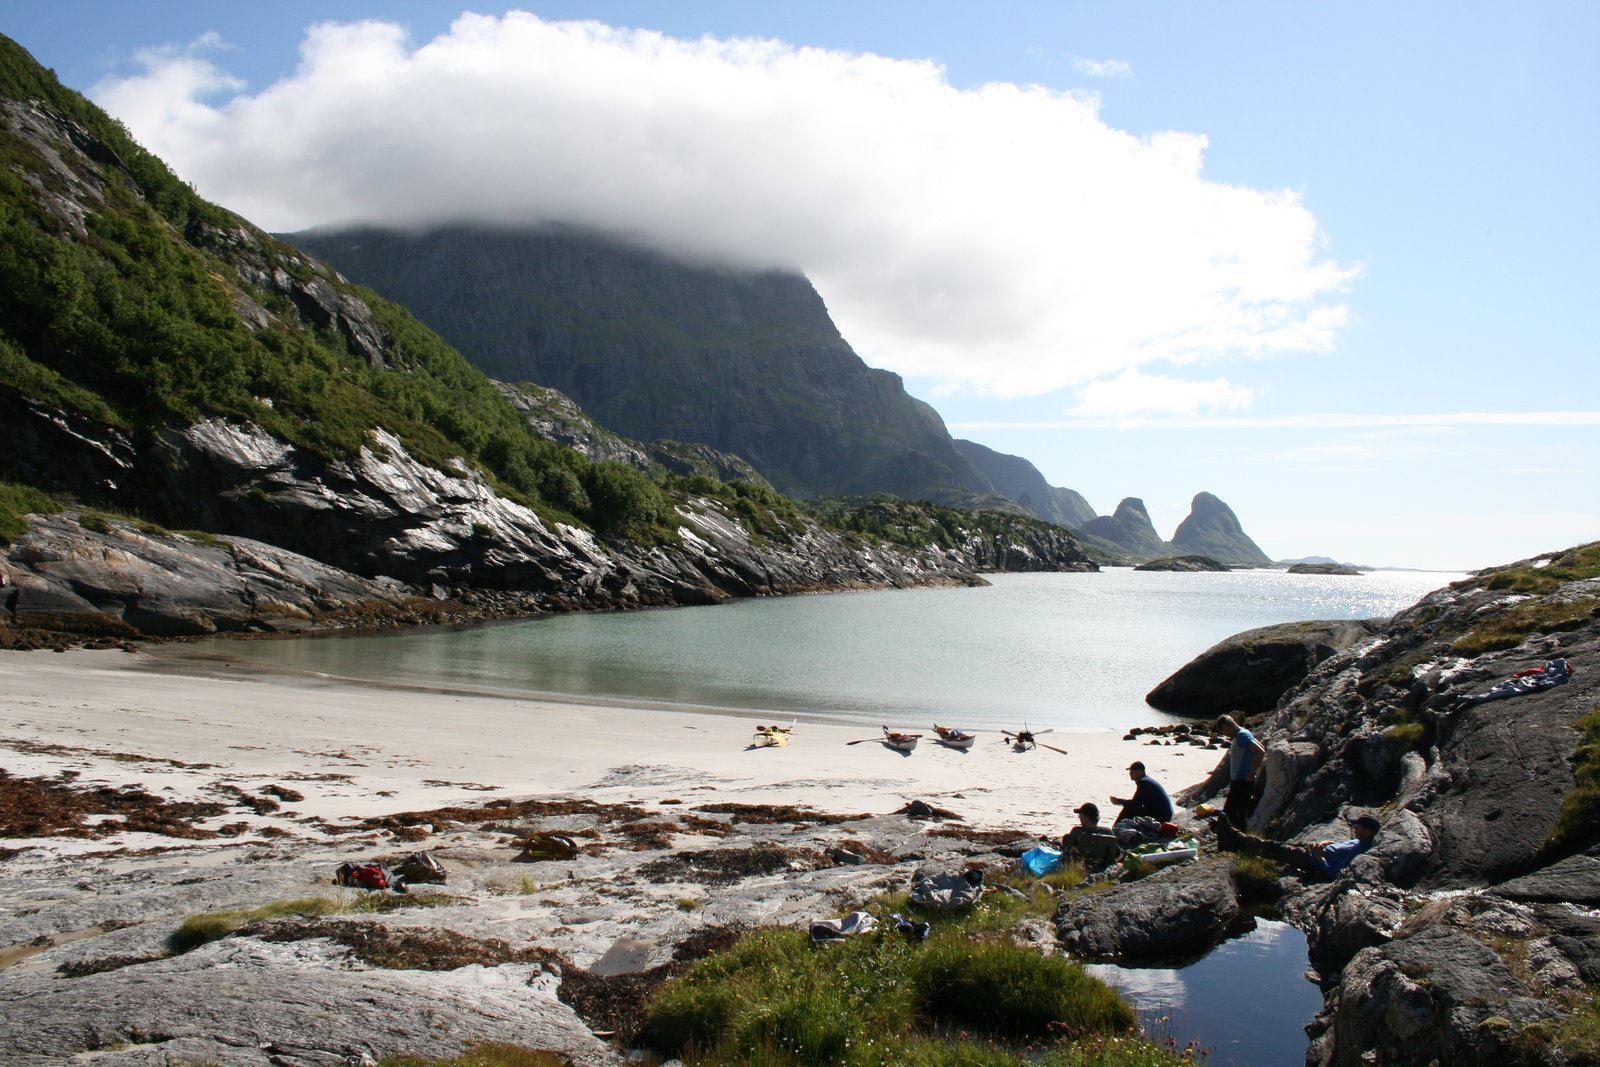 Hav og Fritid-sea kayaking